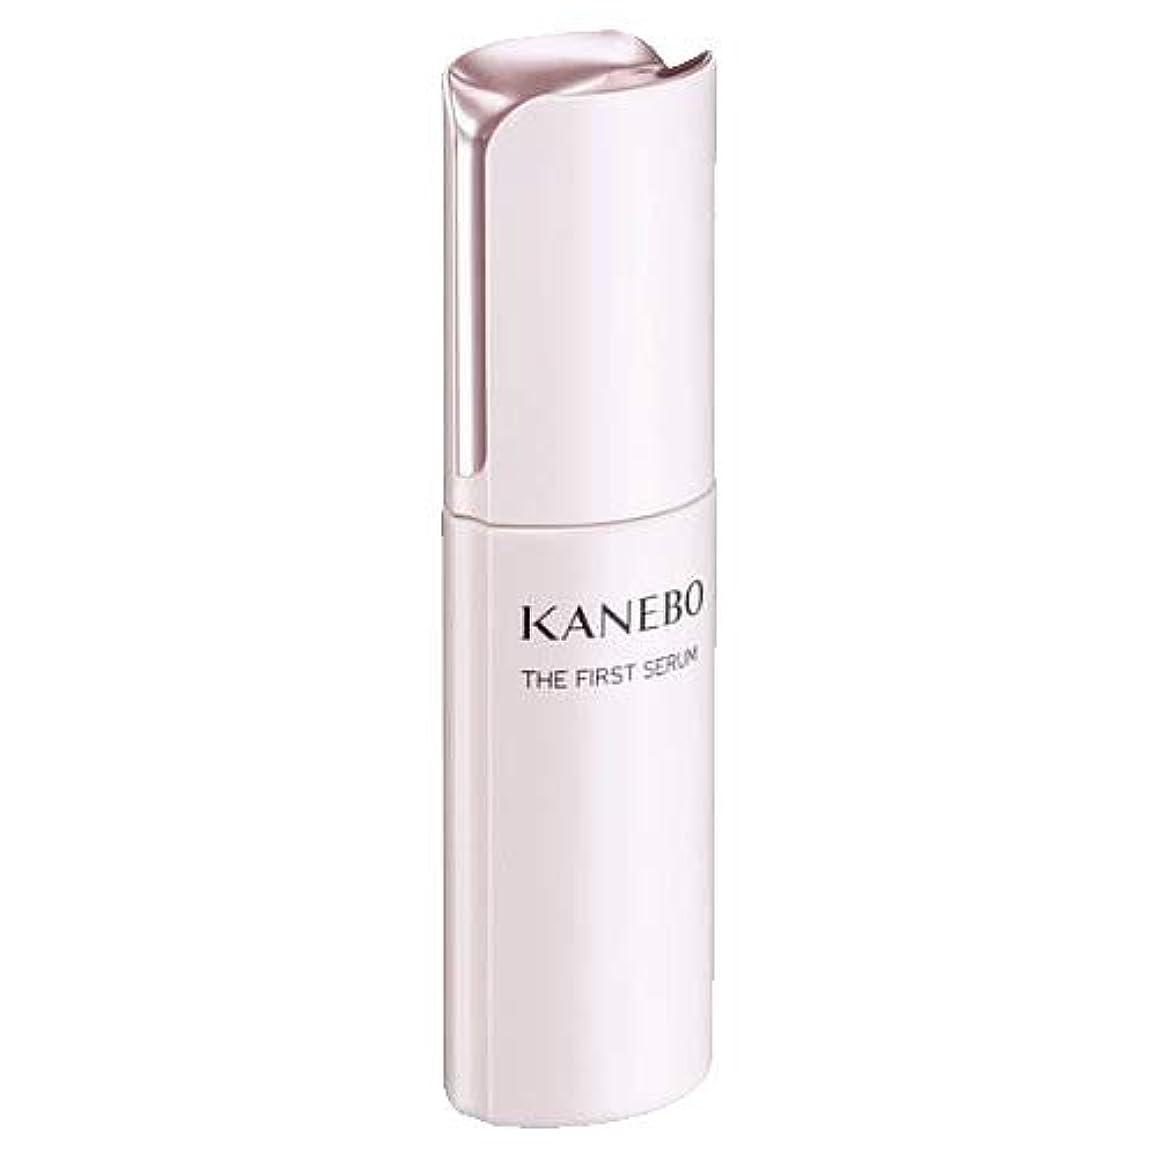 振りかけるスプーン忘れるカネボウ KANEBO 美容液 ザ ファースト セラム 60ml [並行輸入品]